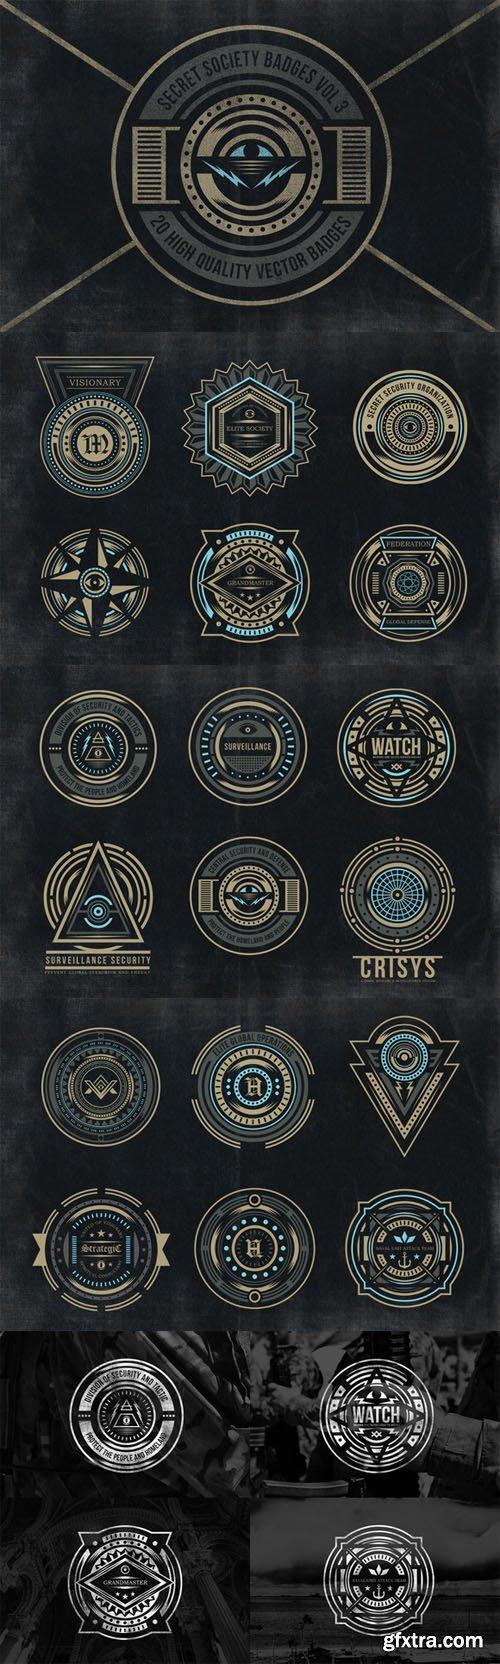 Secret Society Badges 3 - CM 37331